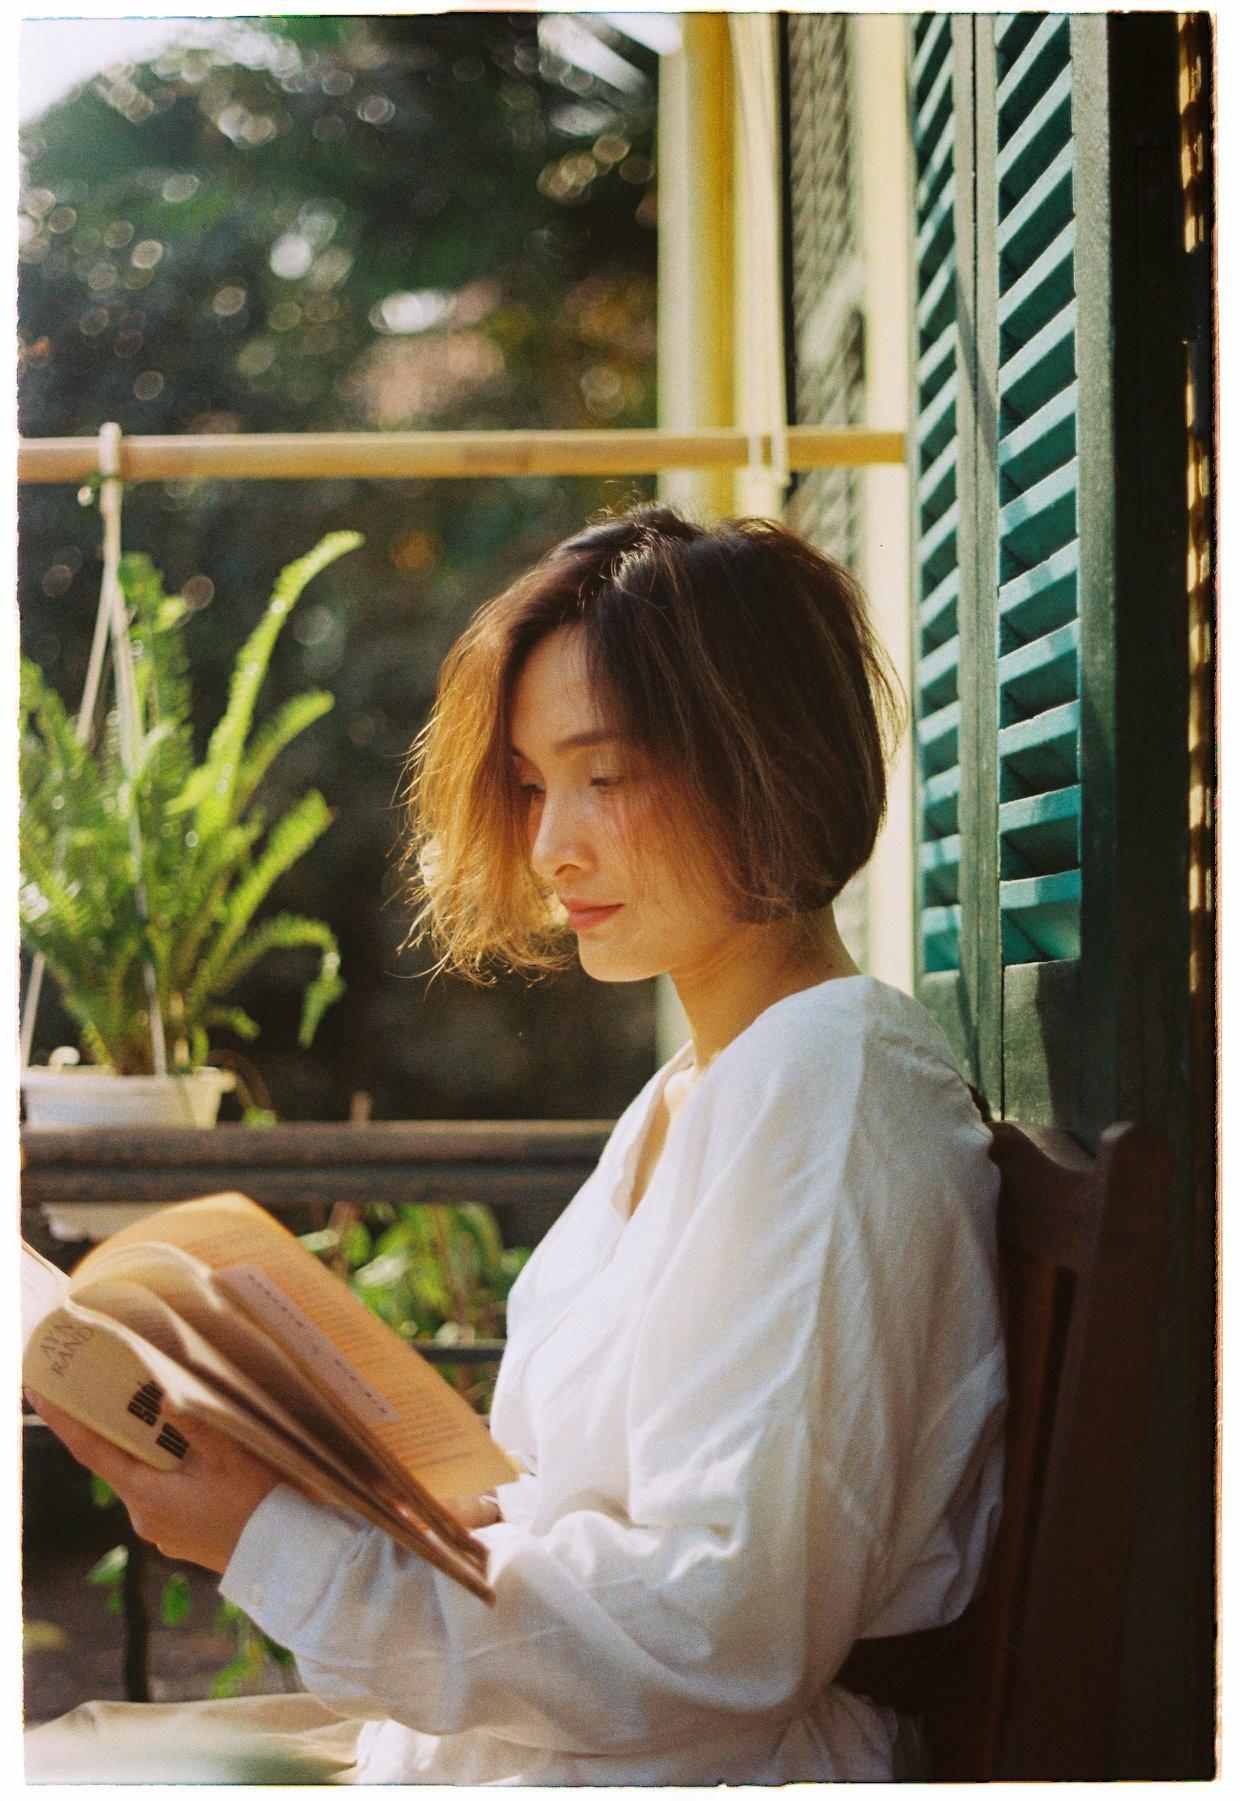 18 tuổi mới đi cafe với mẹ lần đầu tiên, con gái cho ra bộ ảnh film nàng thơ U50 so deep - Ảnh 4.